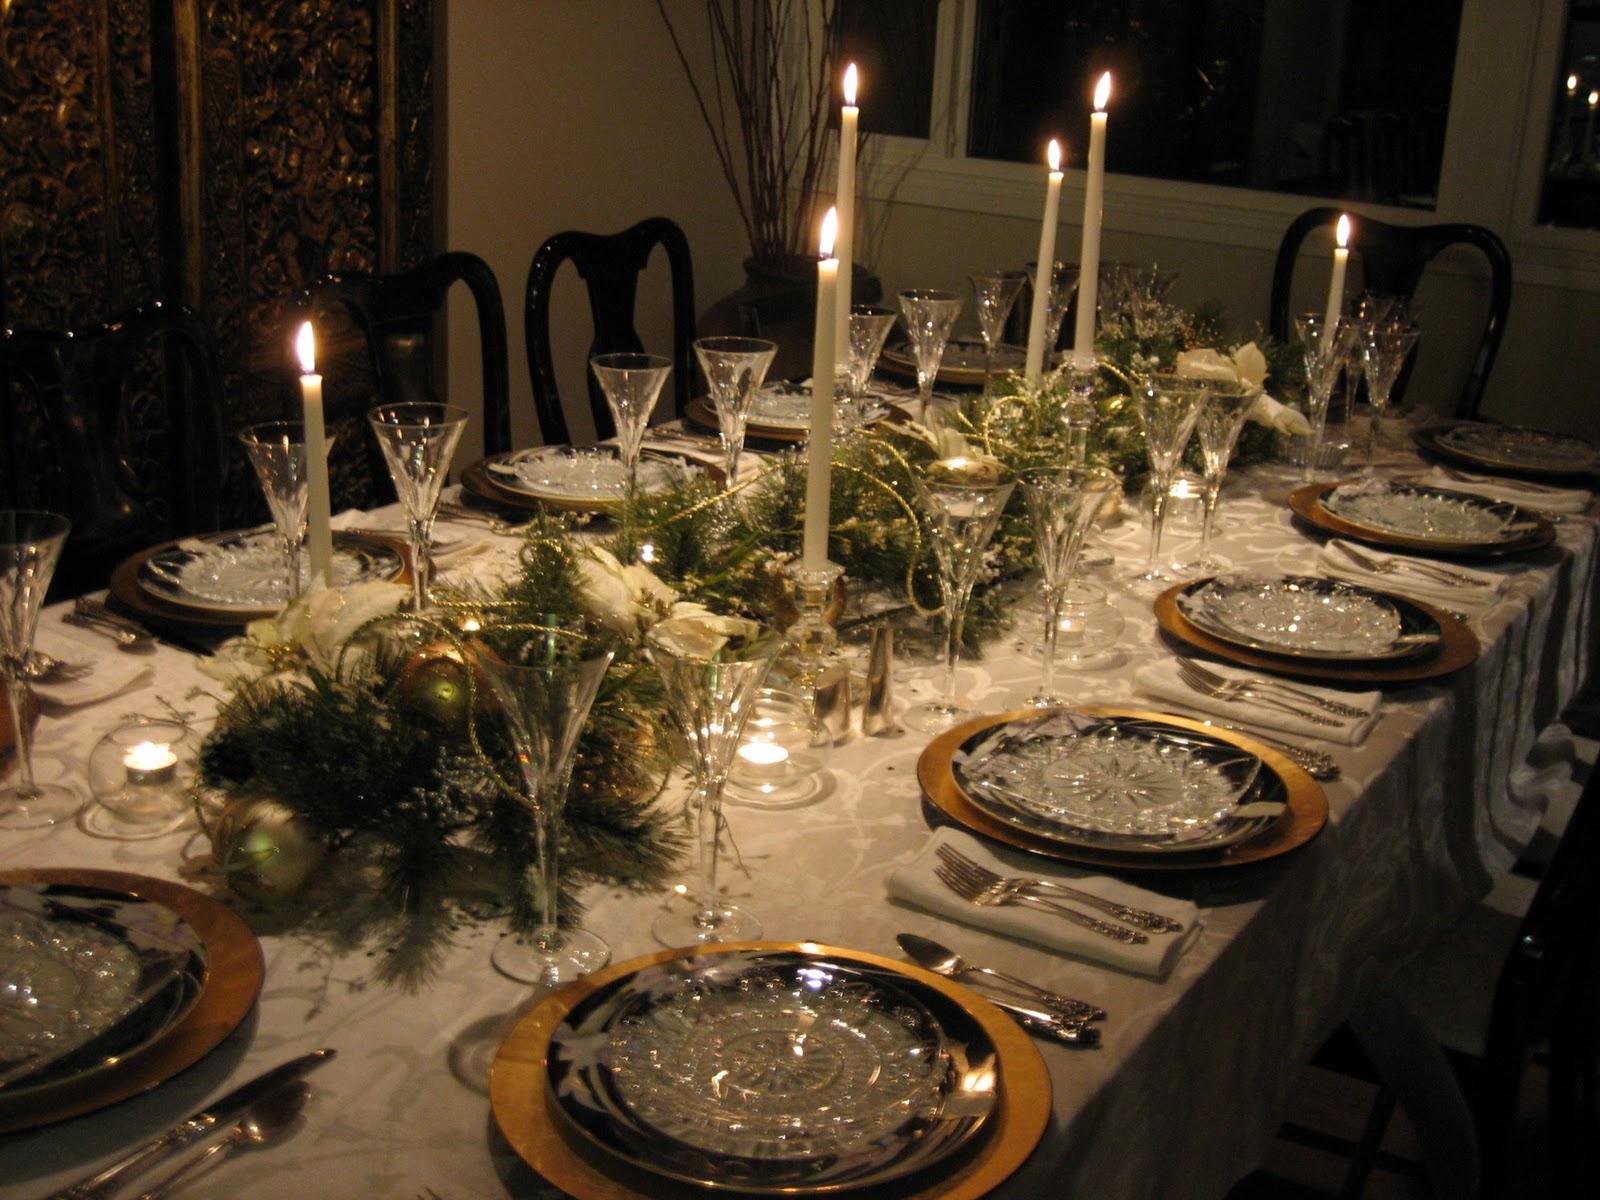 Christmas Village Fun Blog: Decorating The Christmas Table